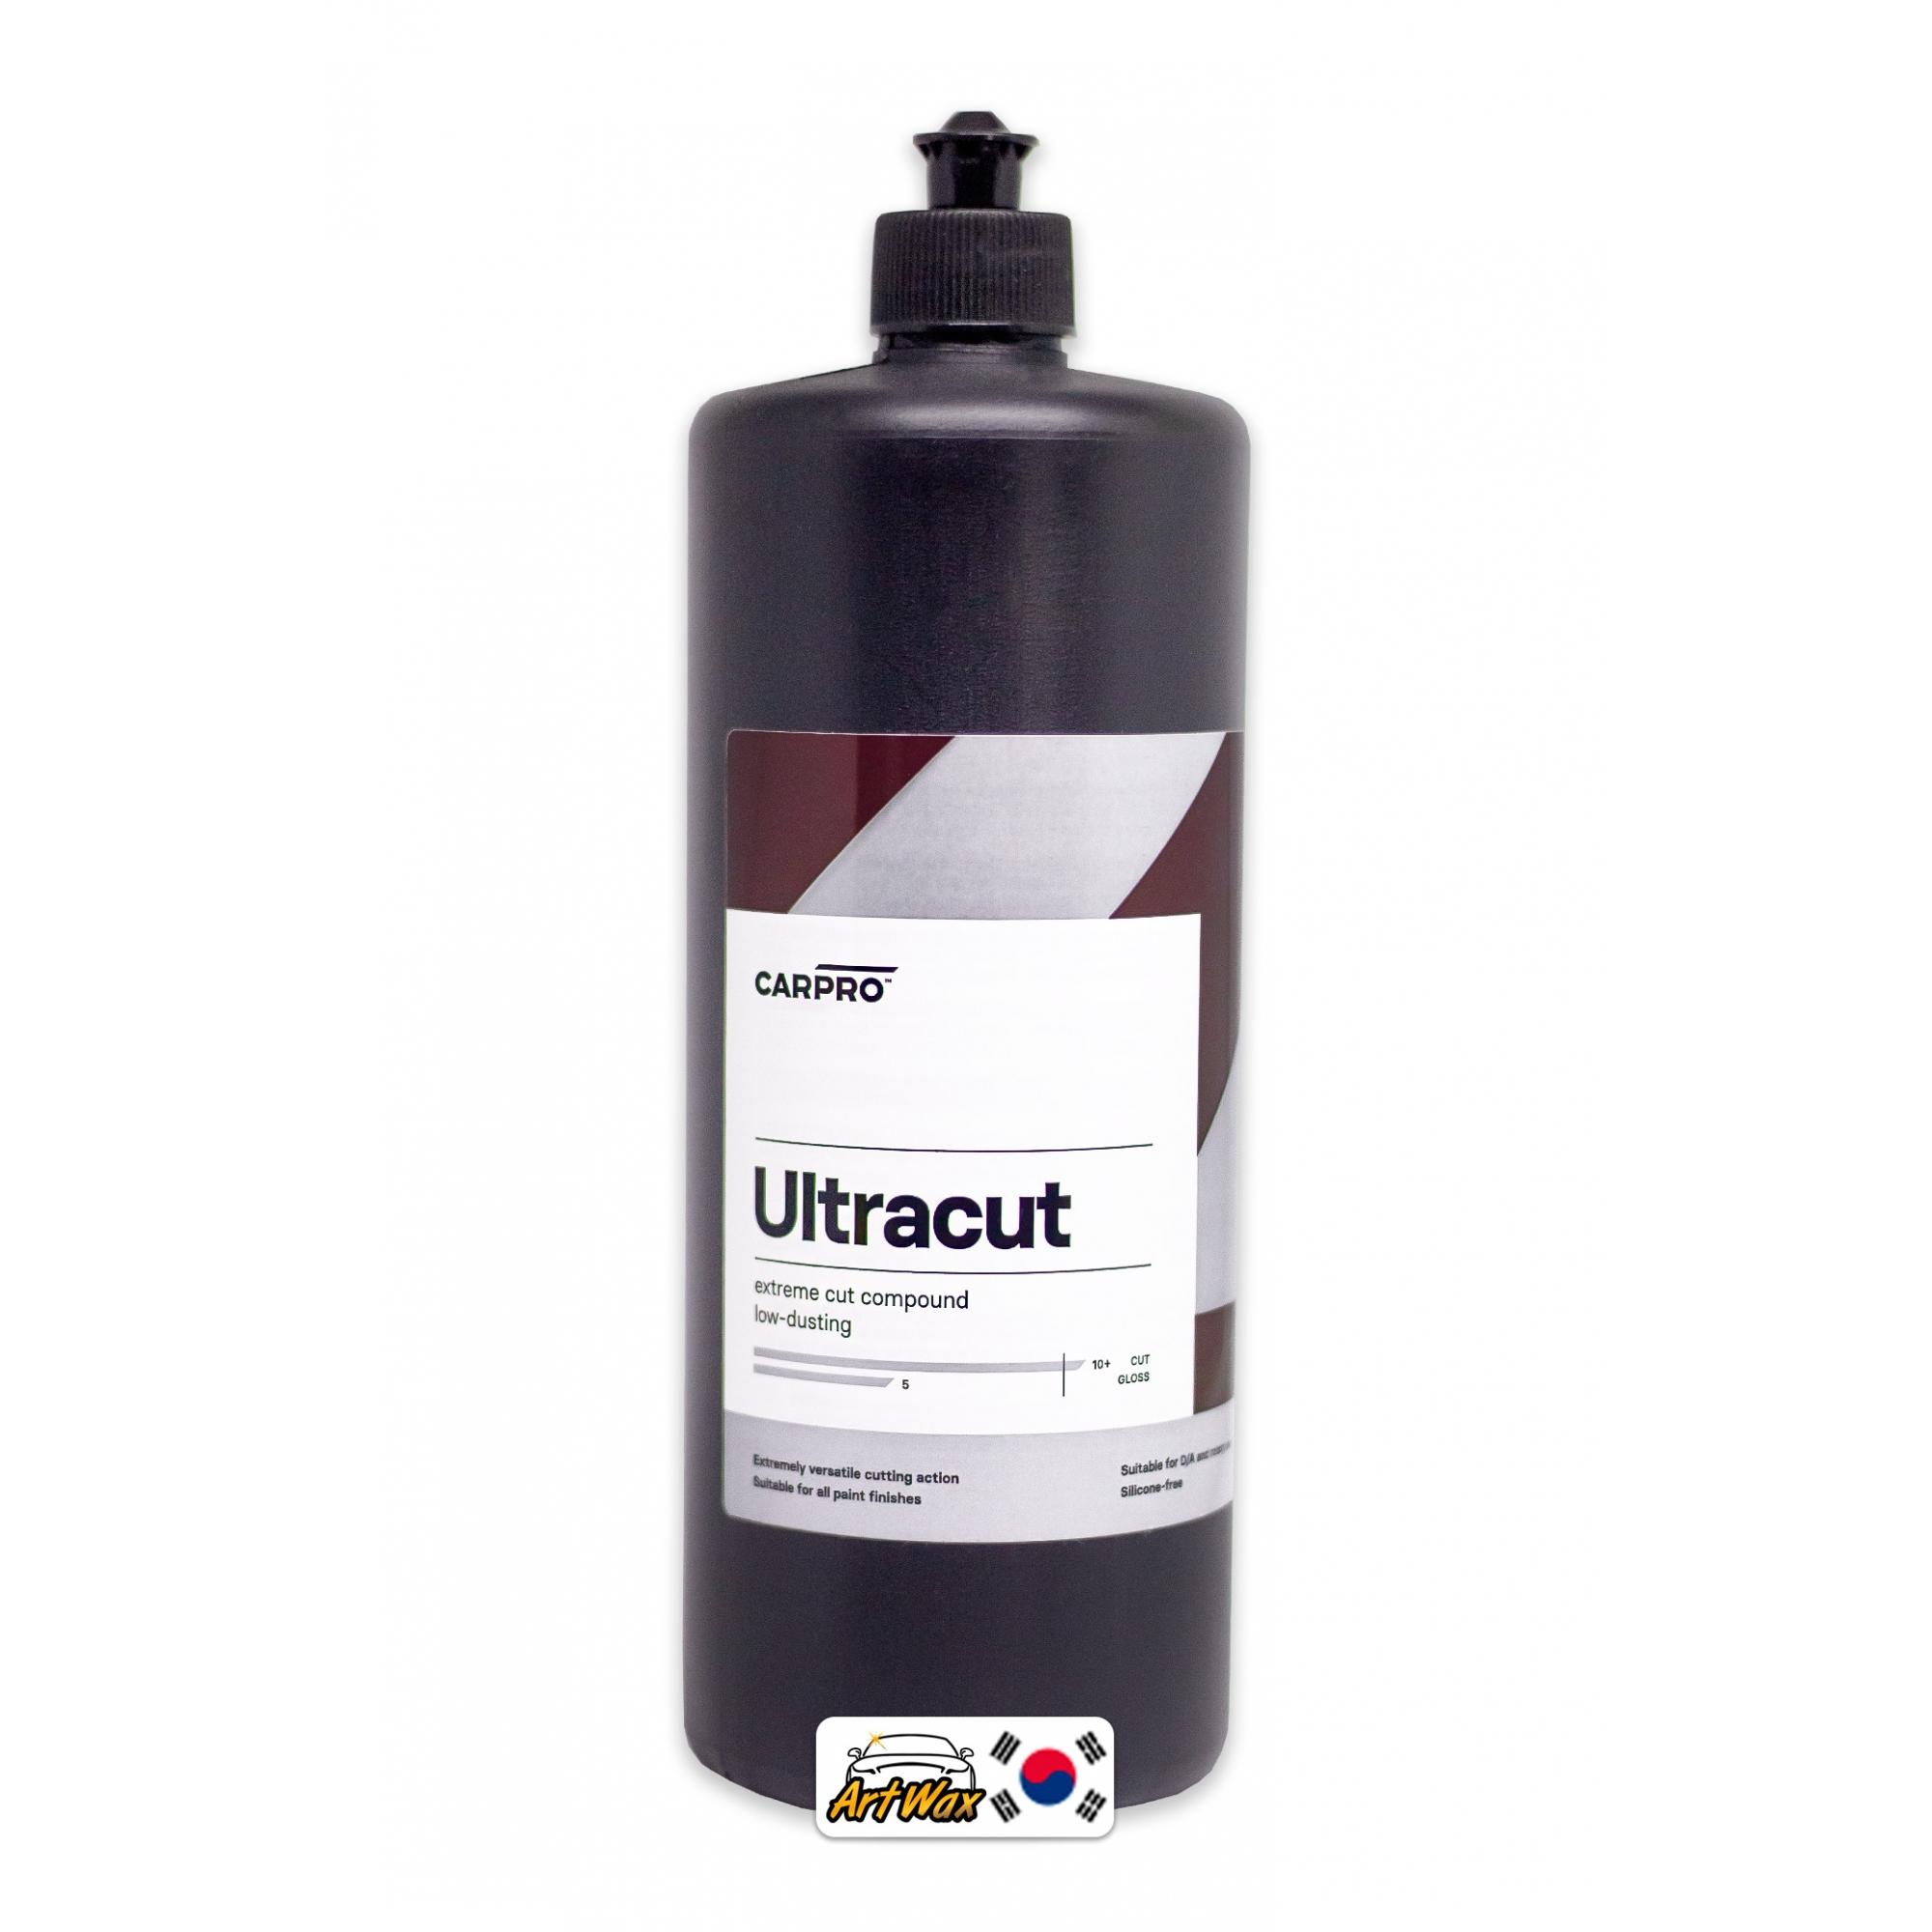 Carpro Ultracut 1L - Composto Corte Agressivo